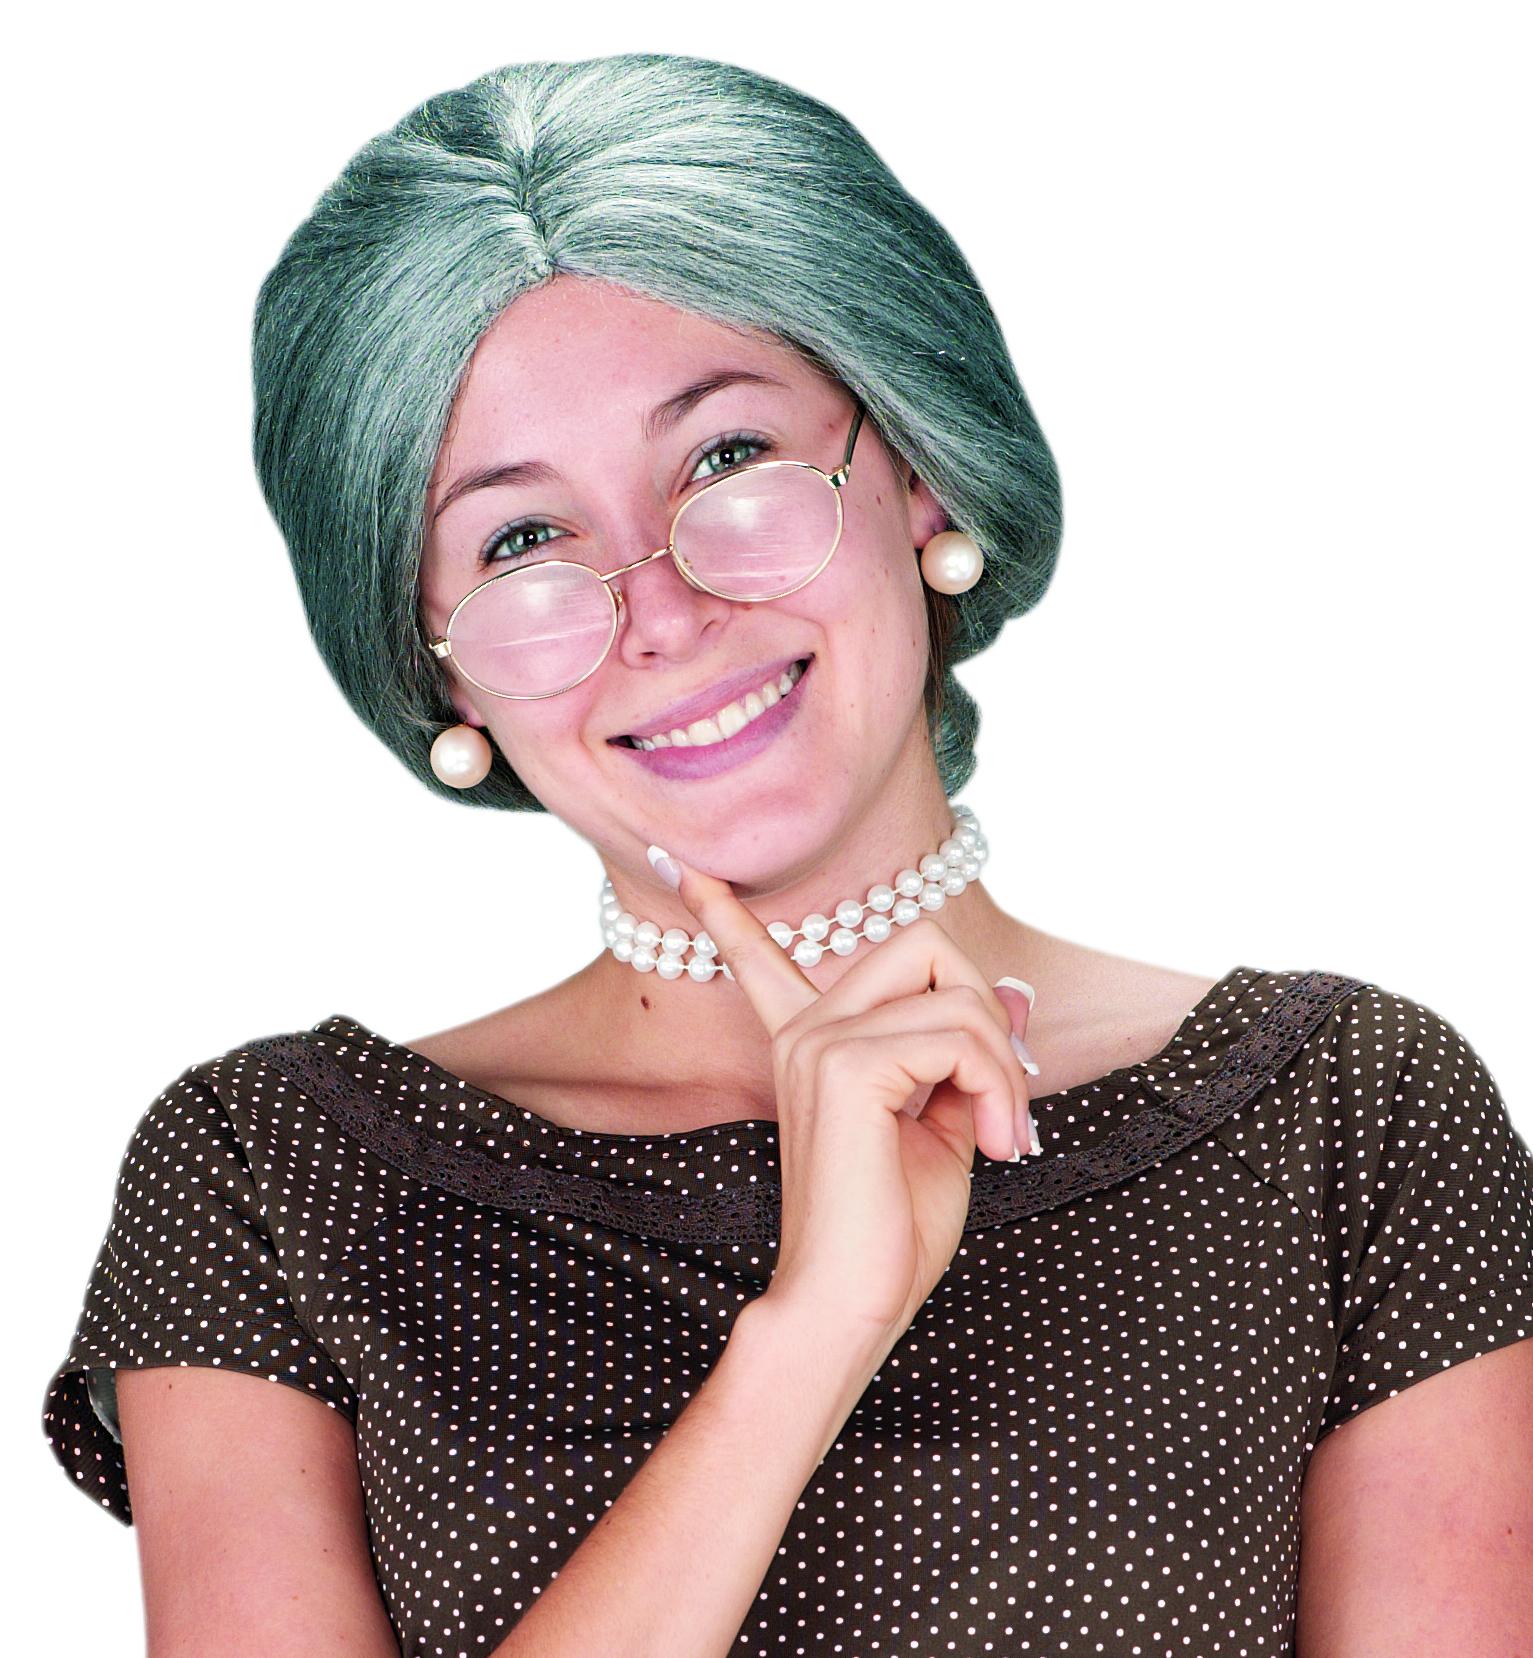 פיאת סבתא אפורה